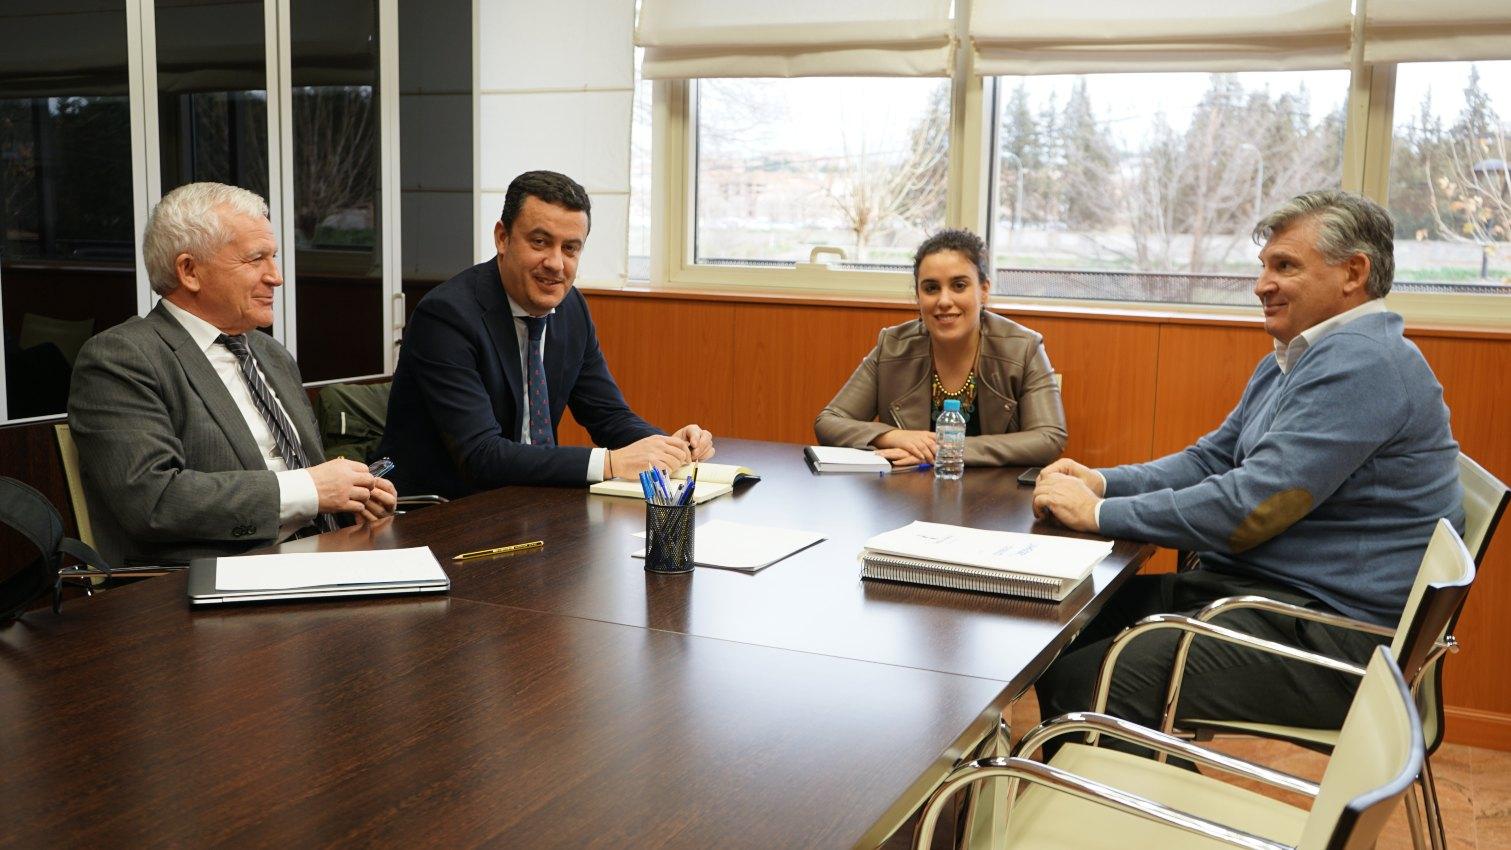 Reunión entre representantes de Fomento y de Liberbank.